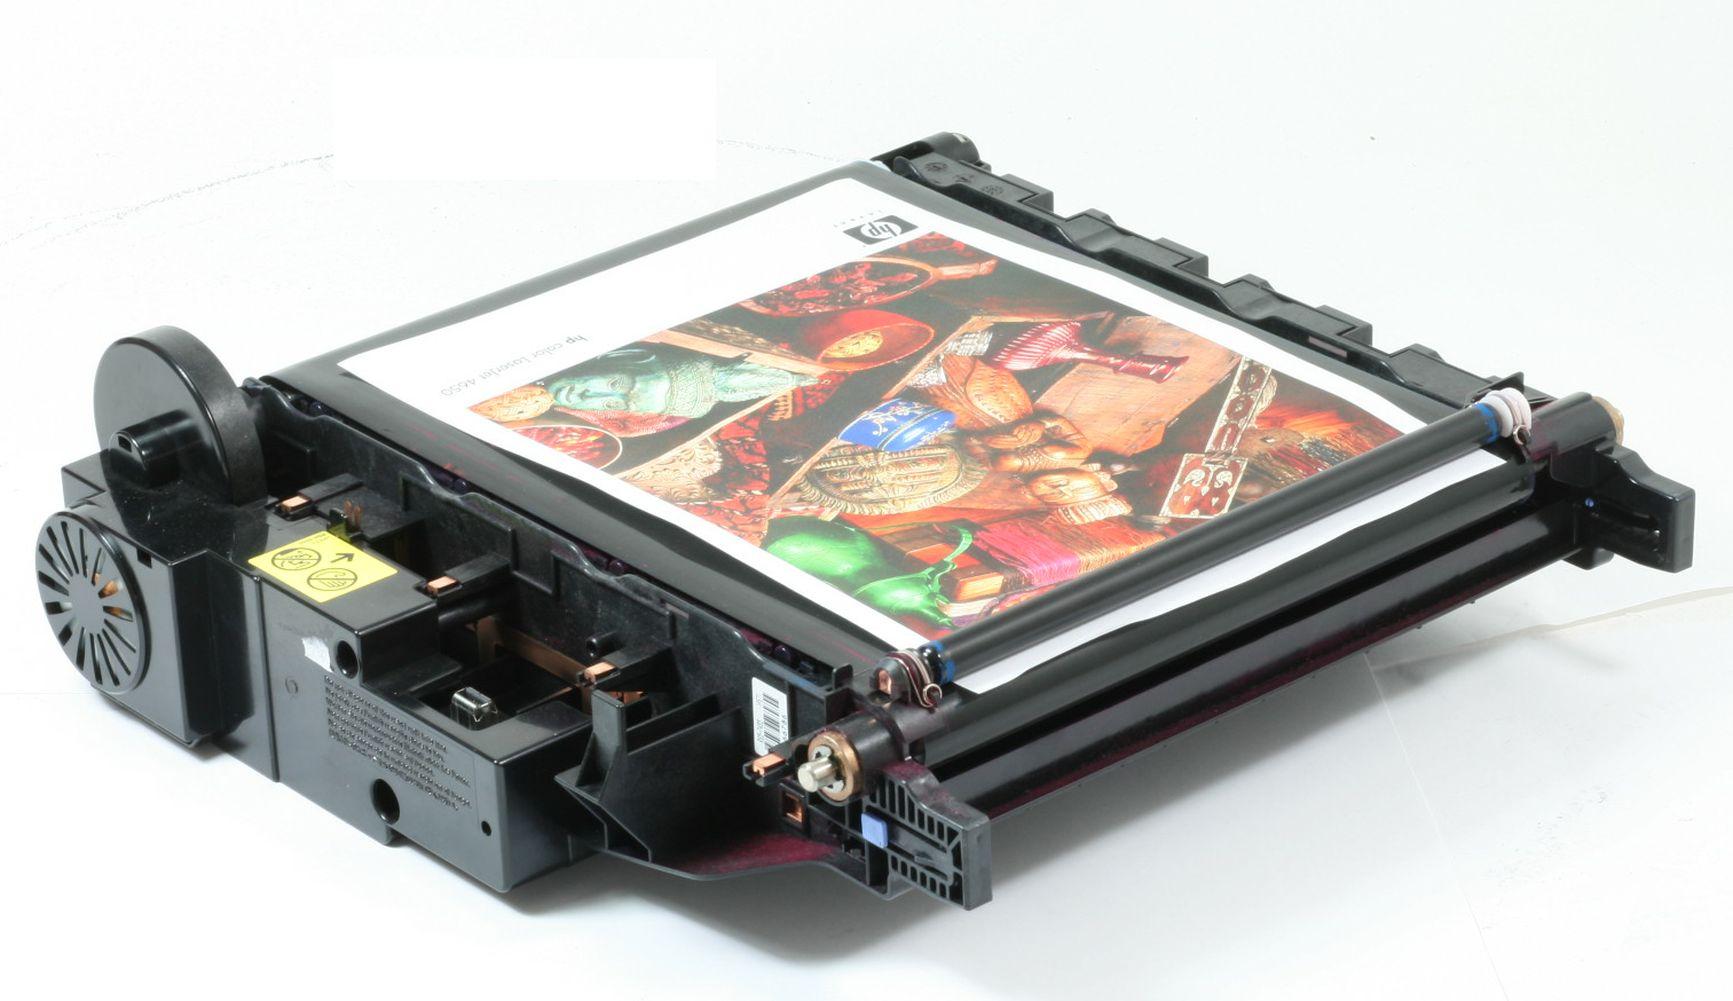 HP RG5-7455 Transferband Q3675A Transfer für Laserjet 4650 4650N 4650DN gebraucht